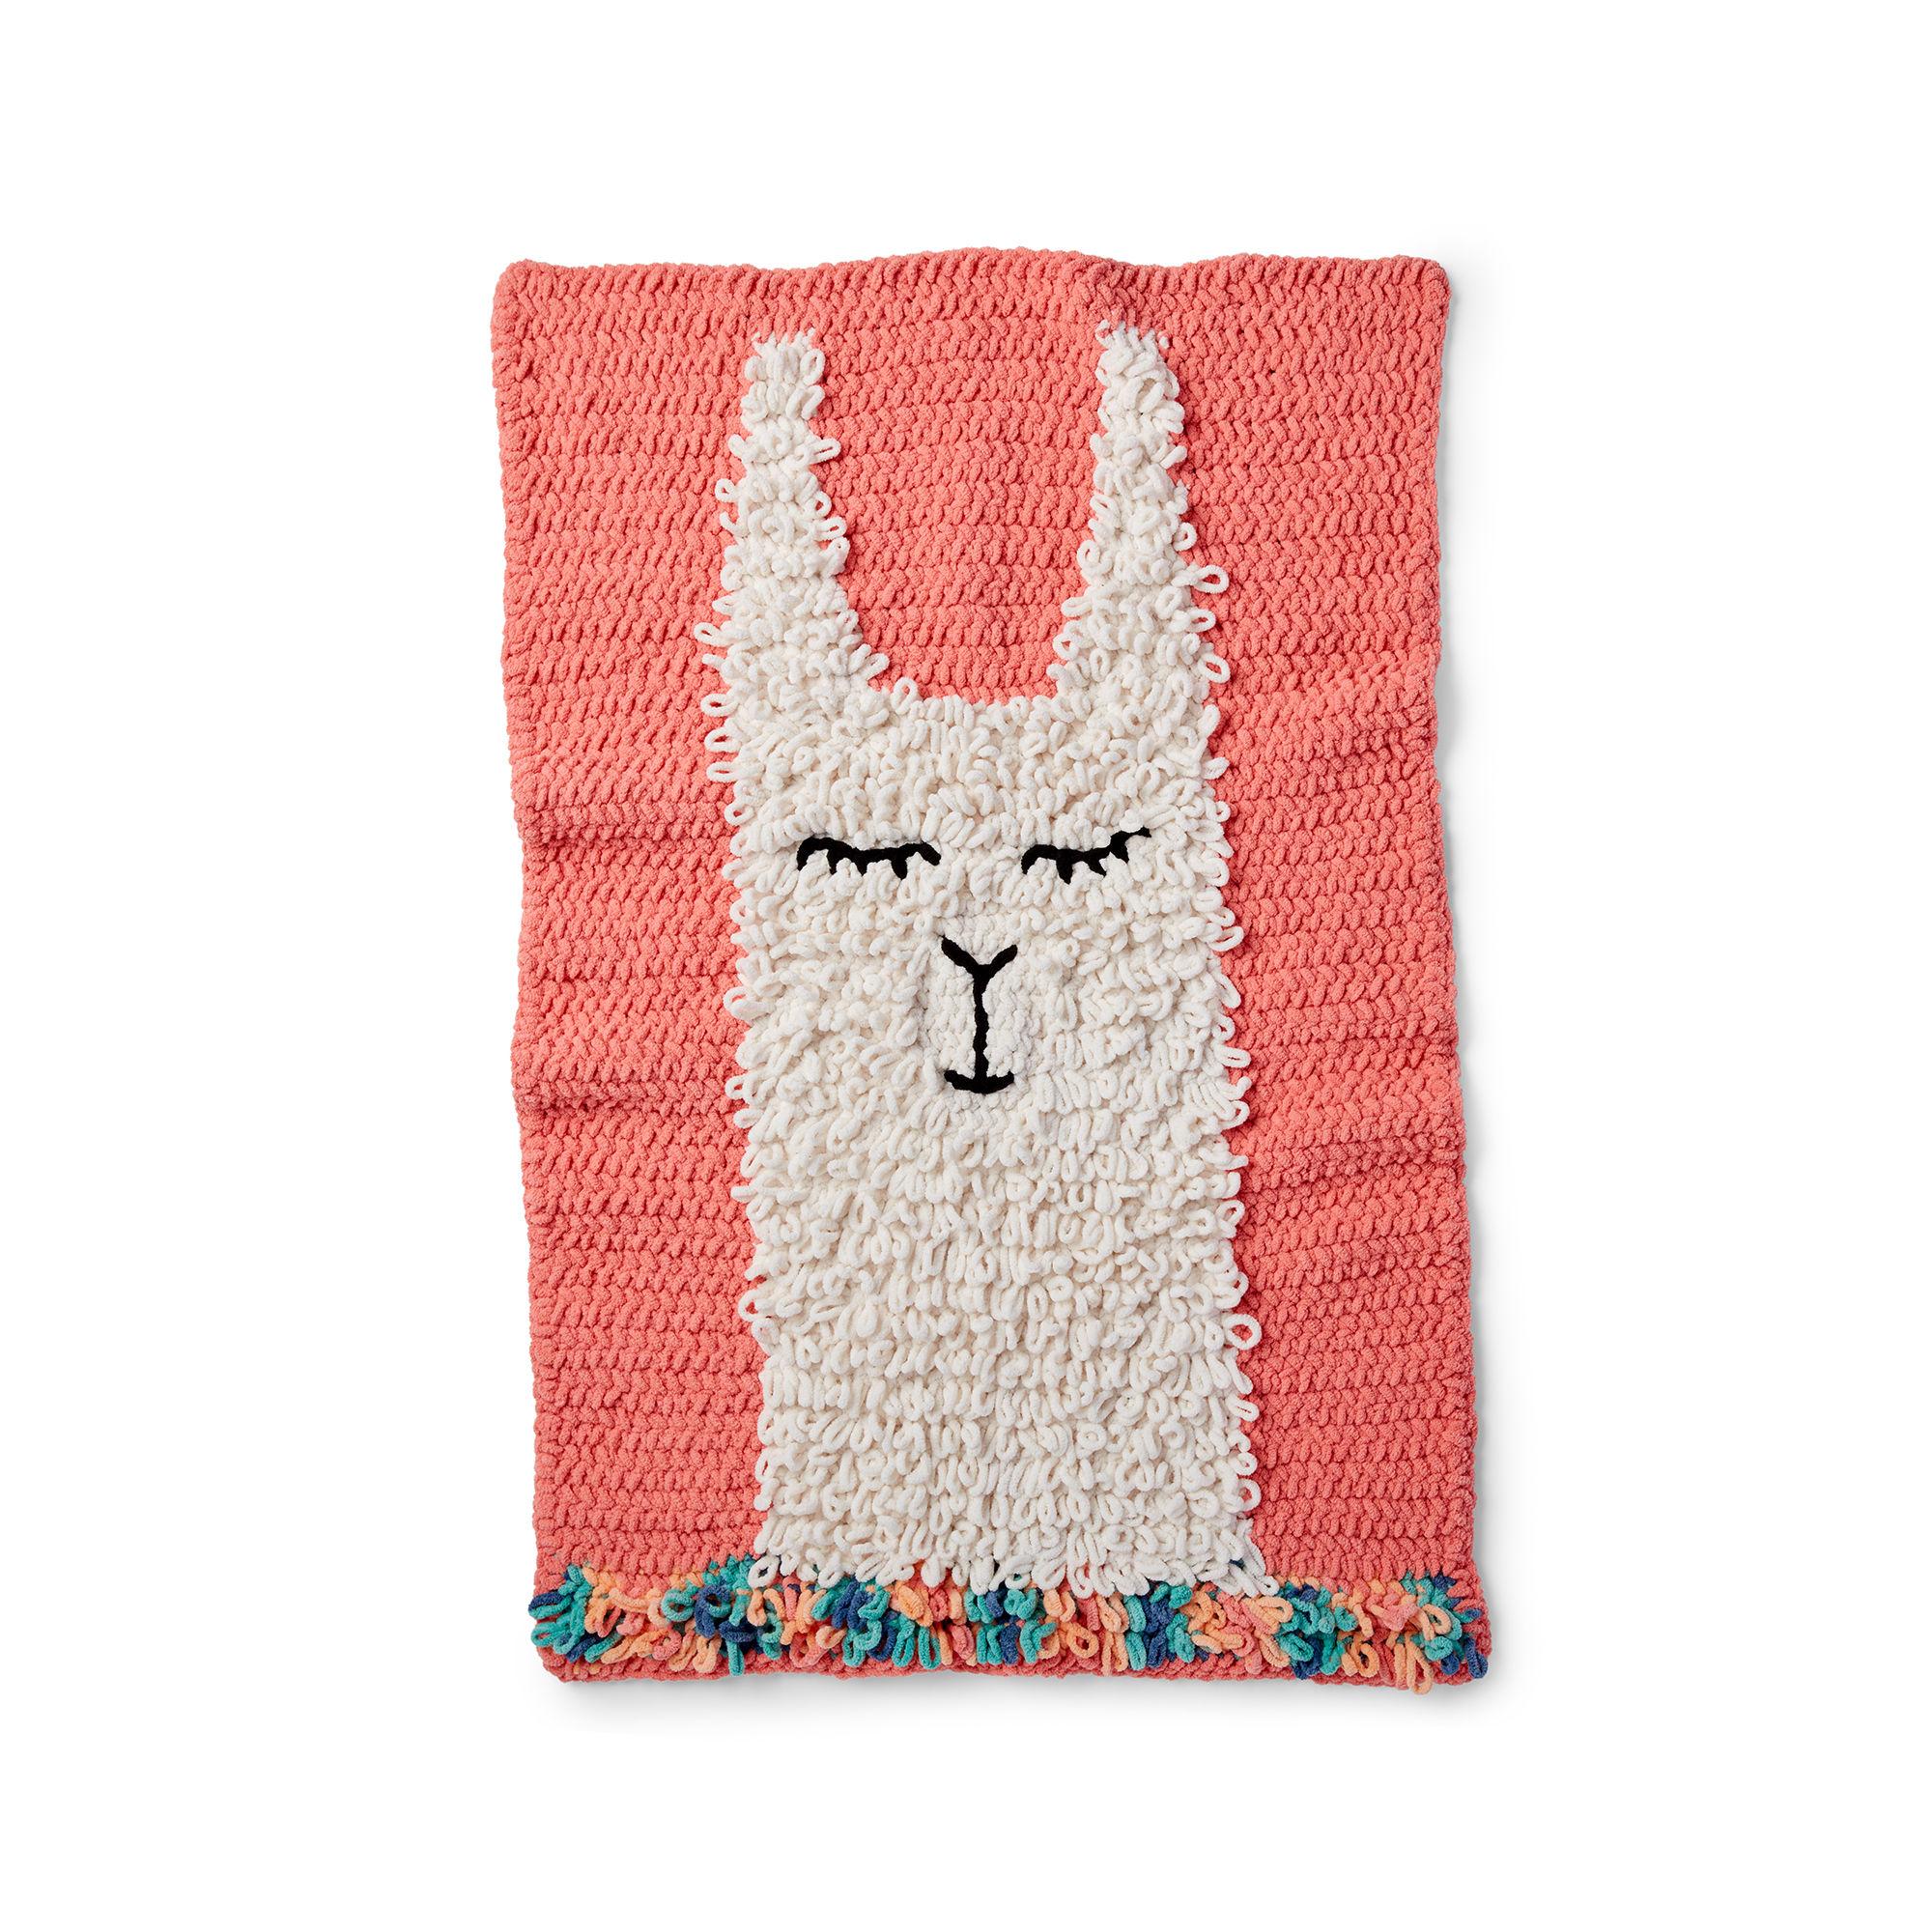 Crochet a Fun Loopy Llama Blanket